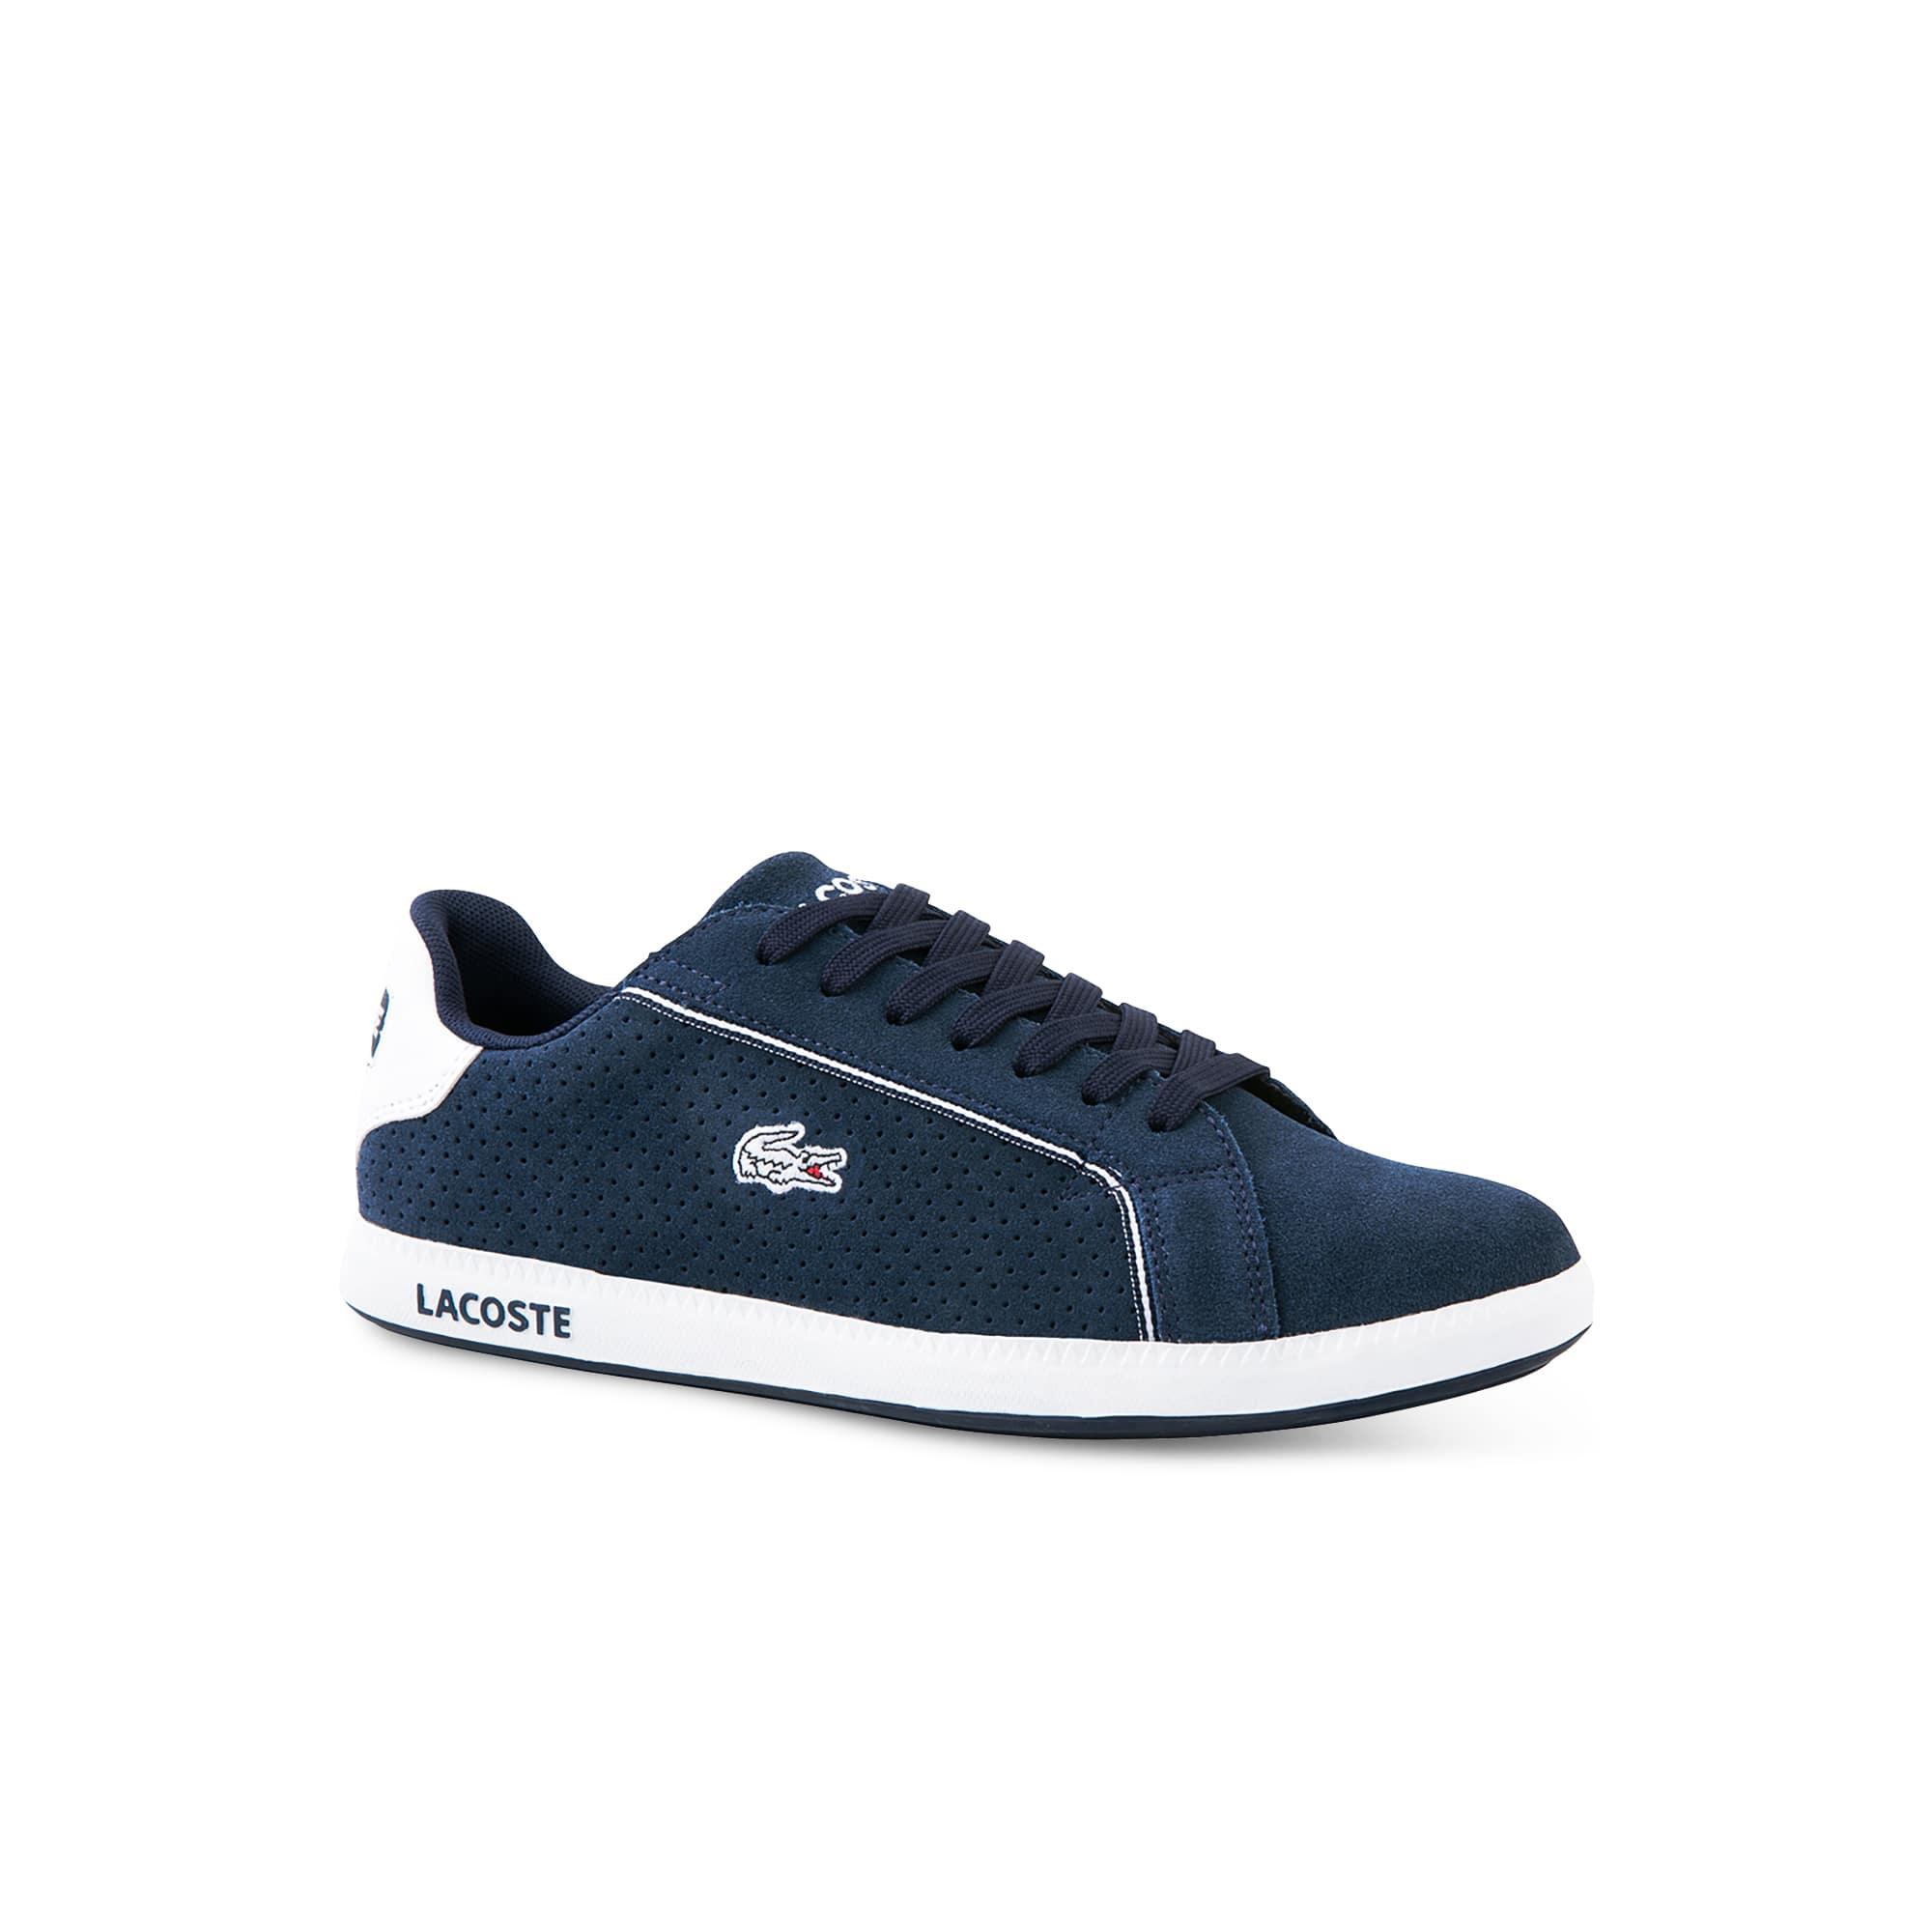 40fc329944 Shoes for Women | Footwear | LACOSTE